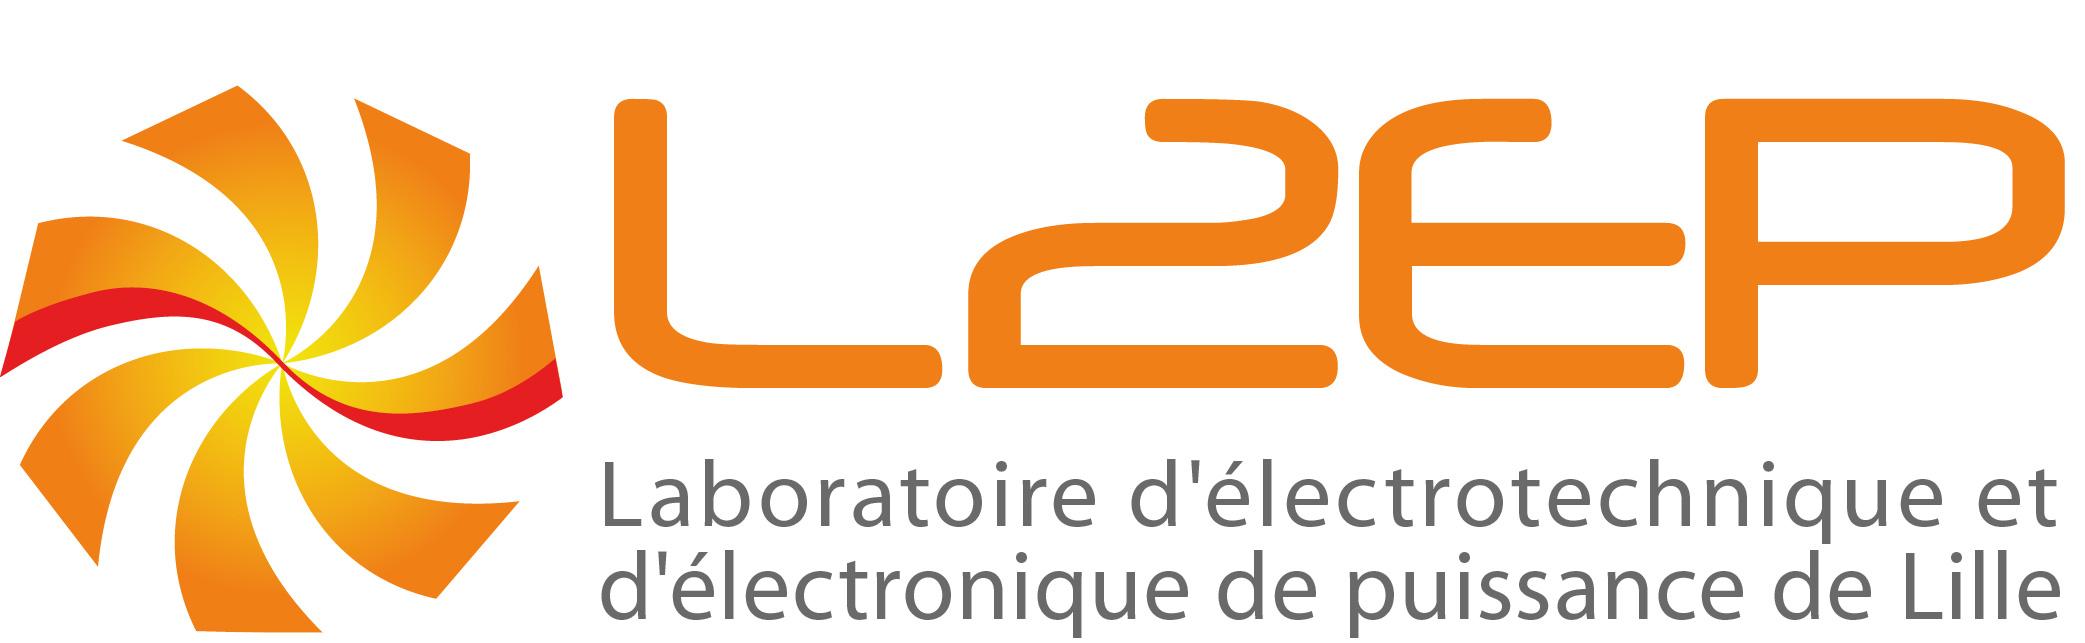 """Résultat de recherche d'images pour """"l2ep logo"""""""